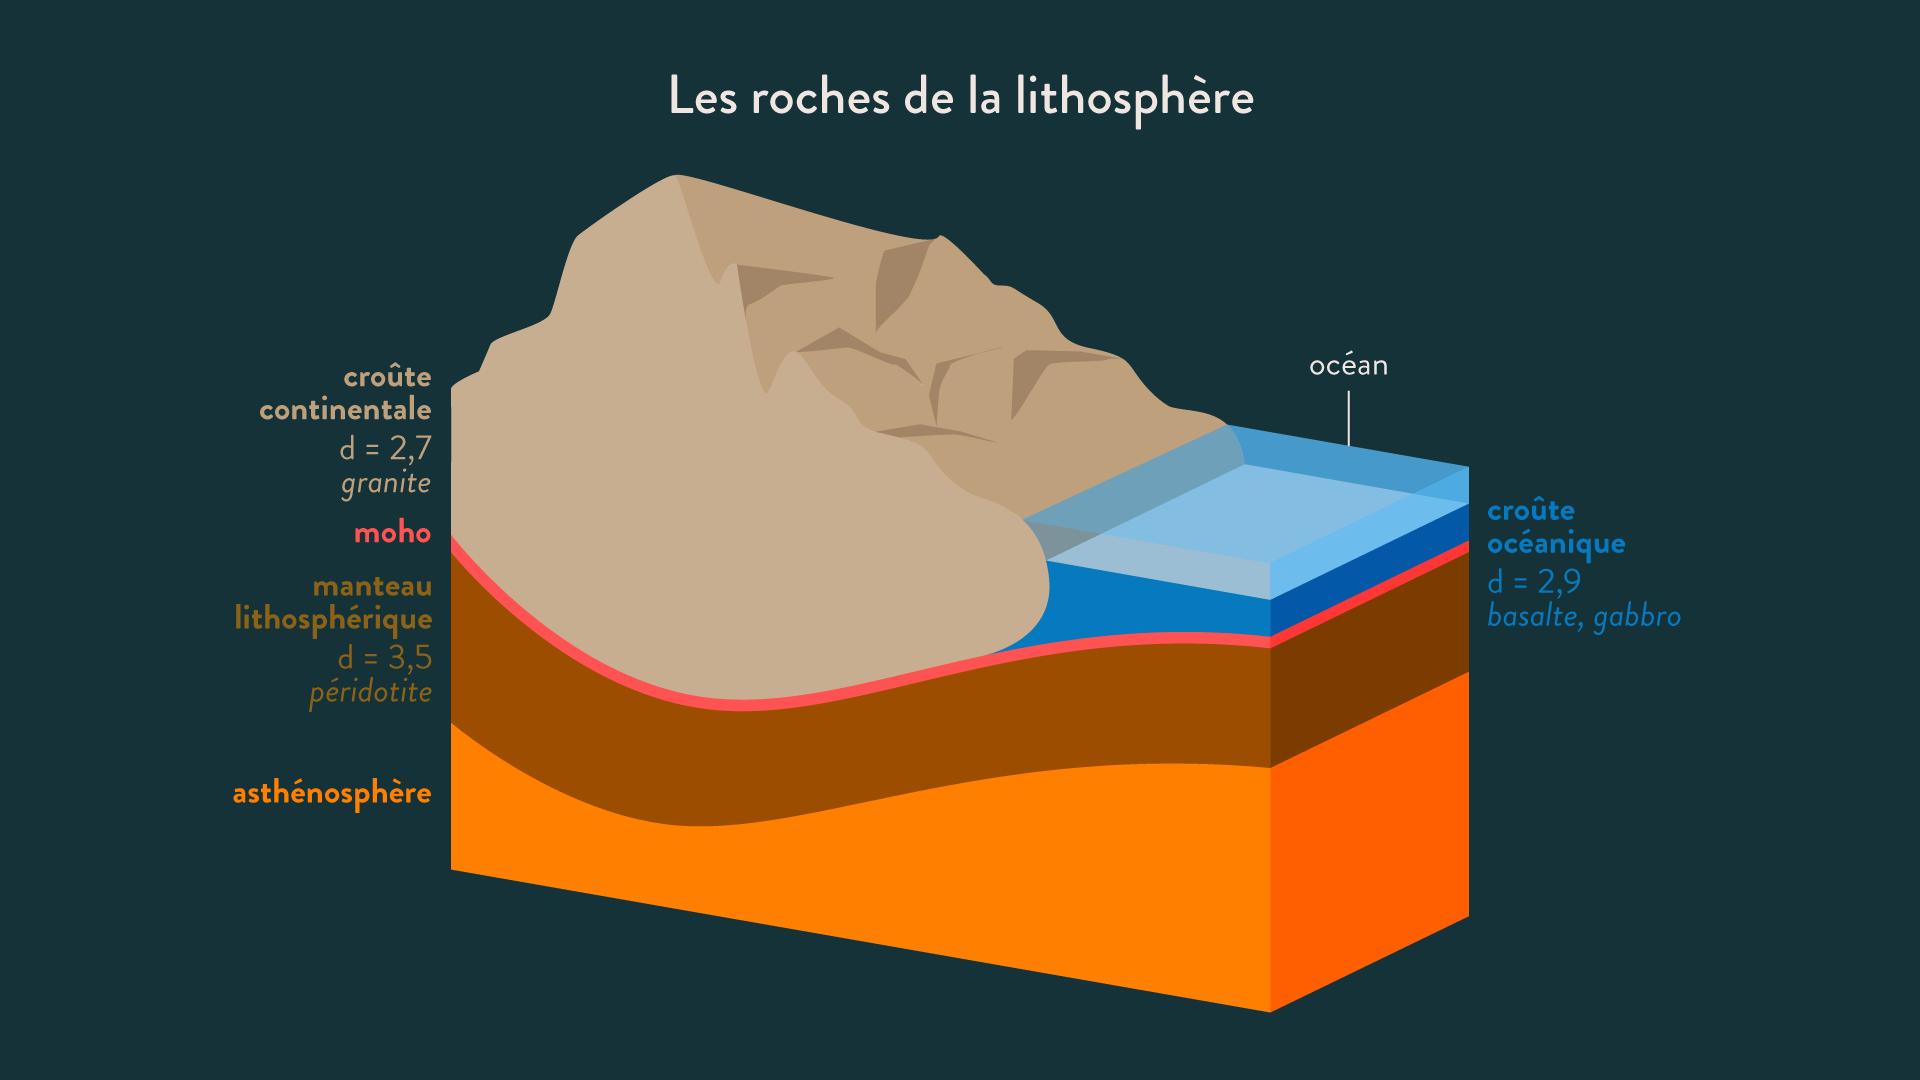 Les roches de la lithosphère